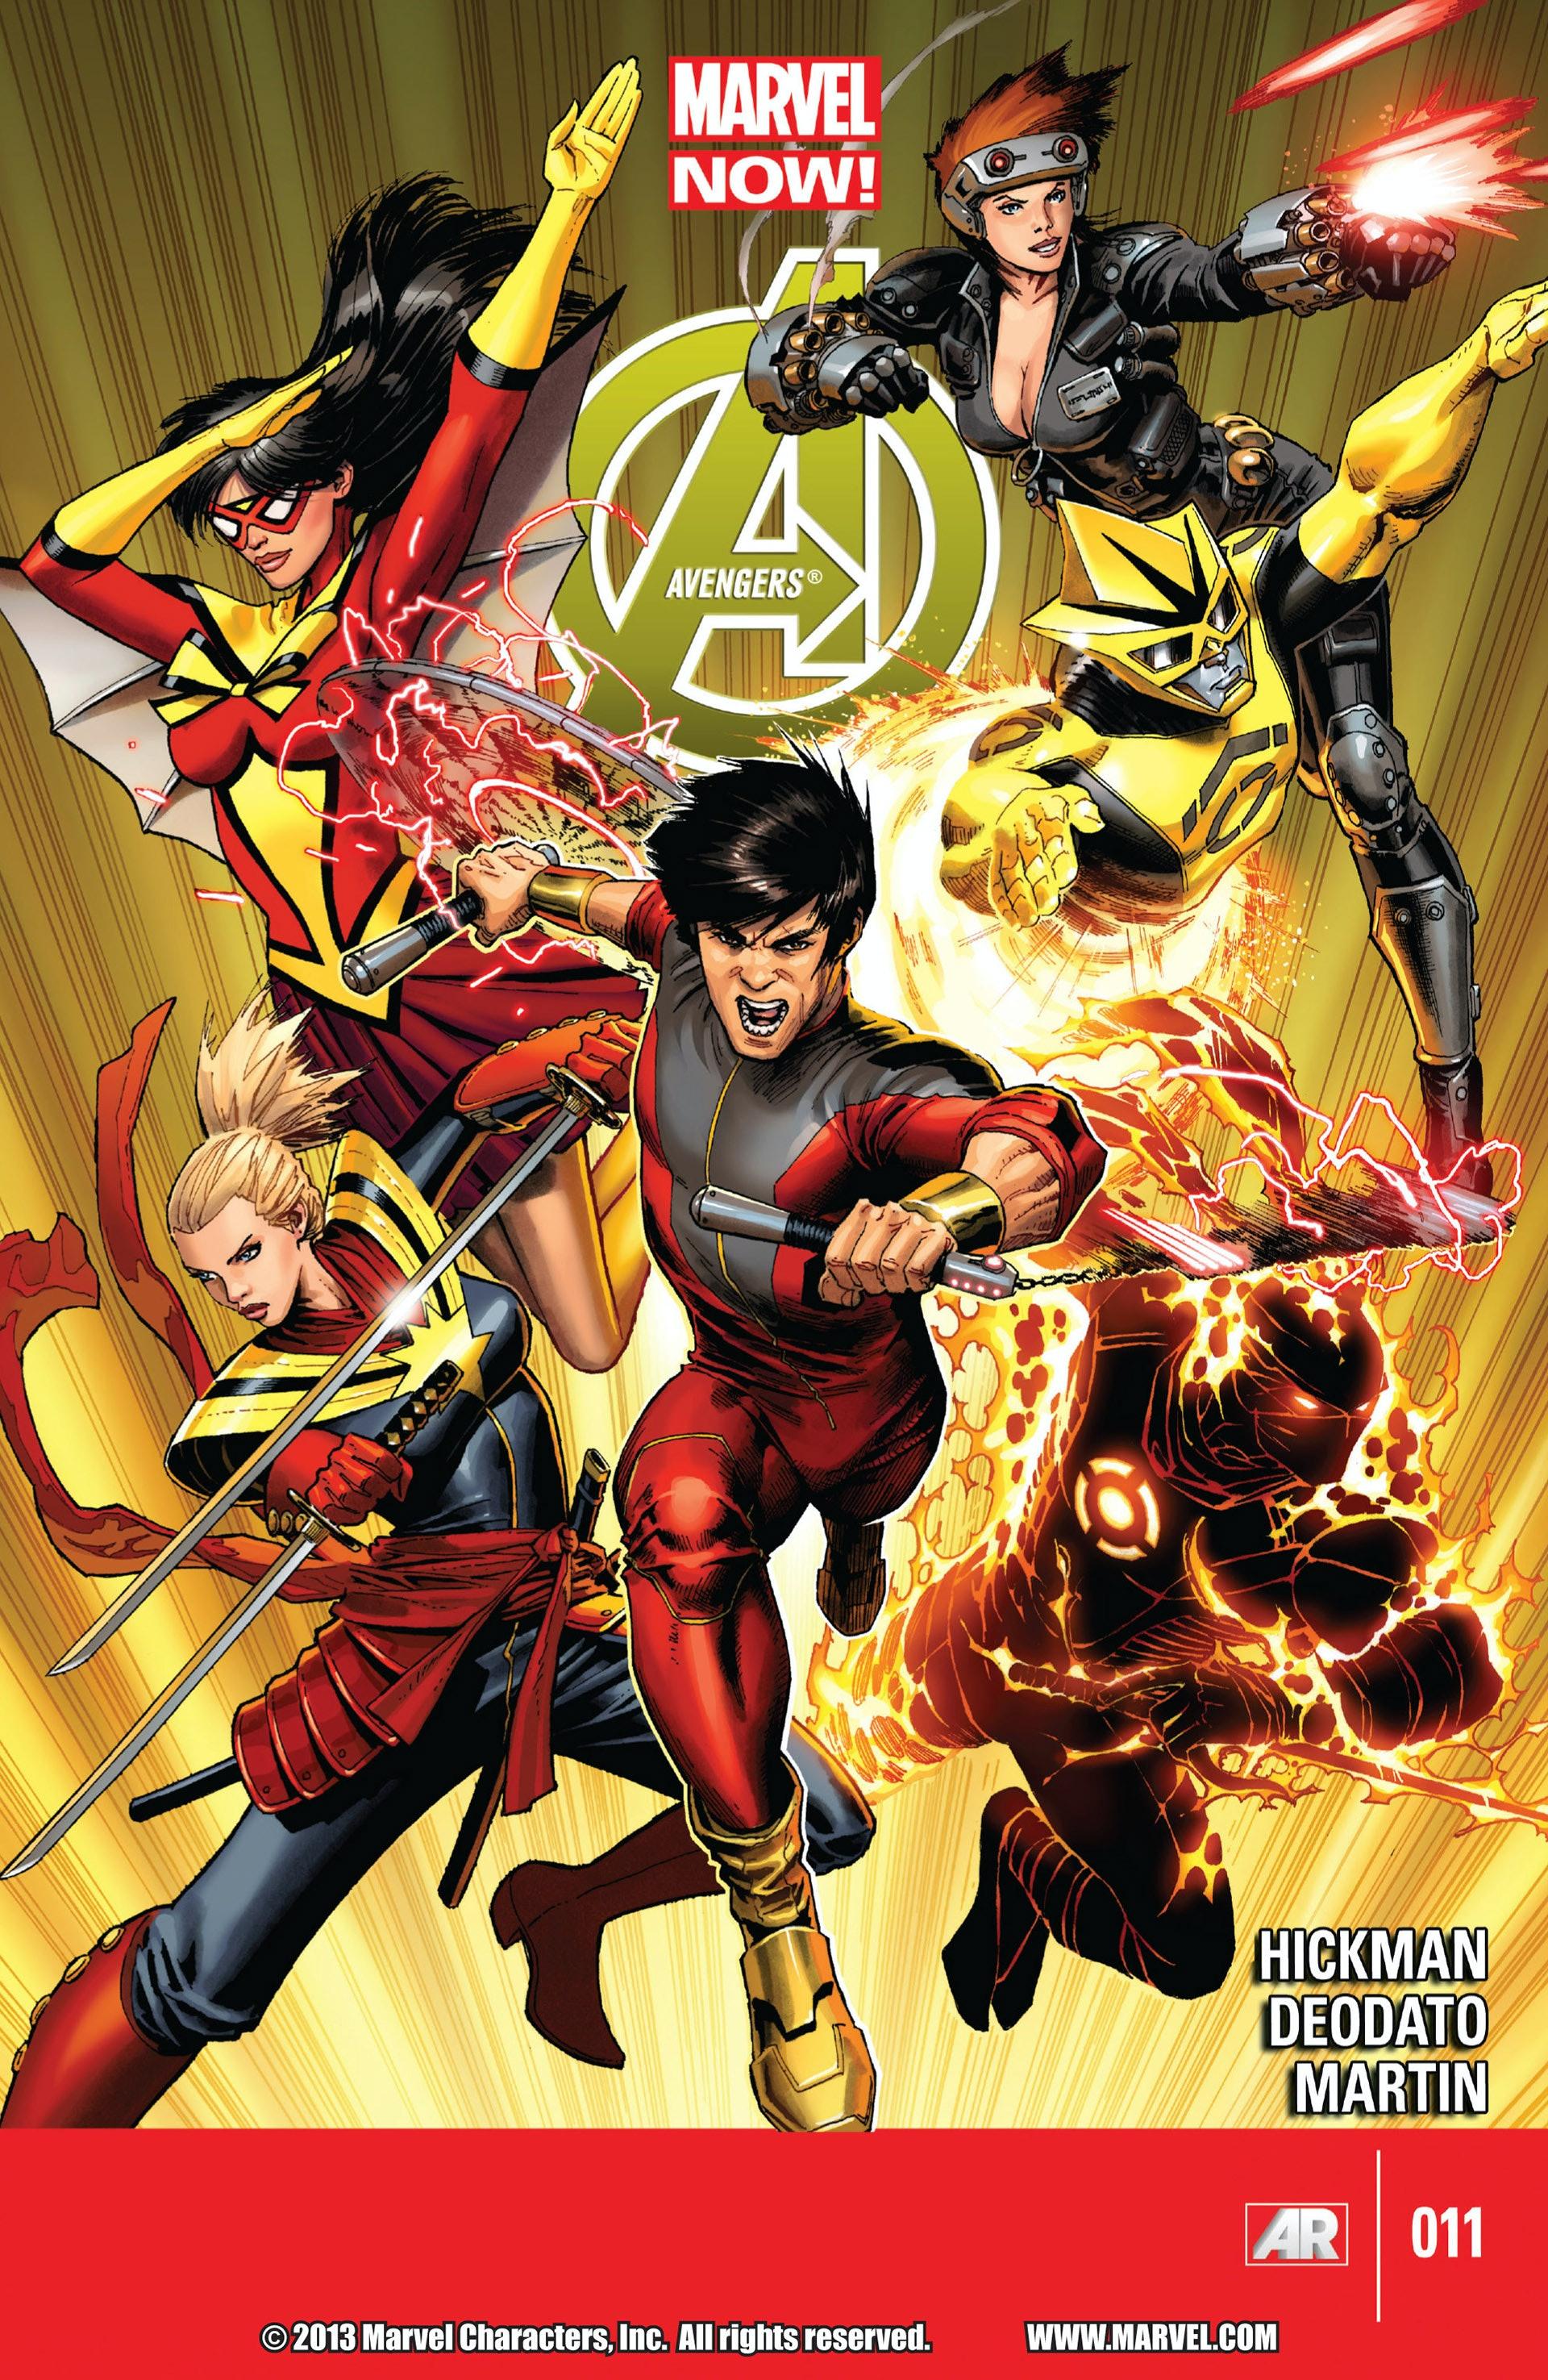 Shang-Chi Avengers Captain Marvel